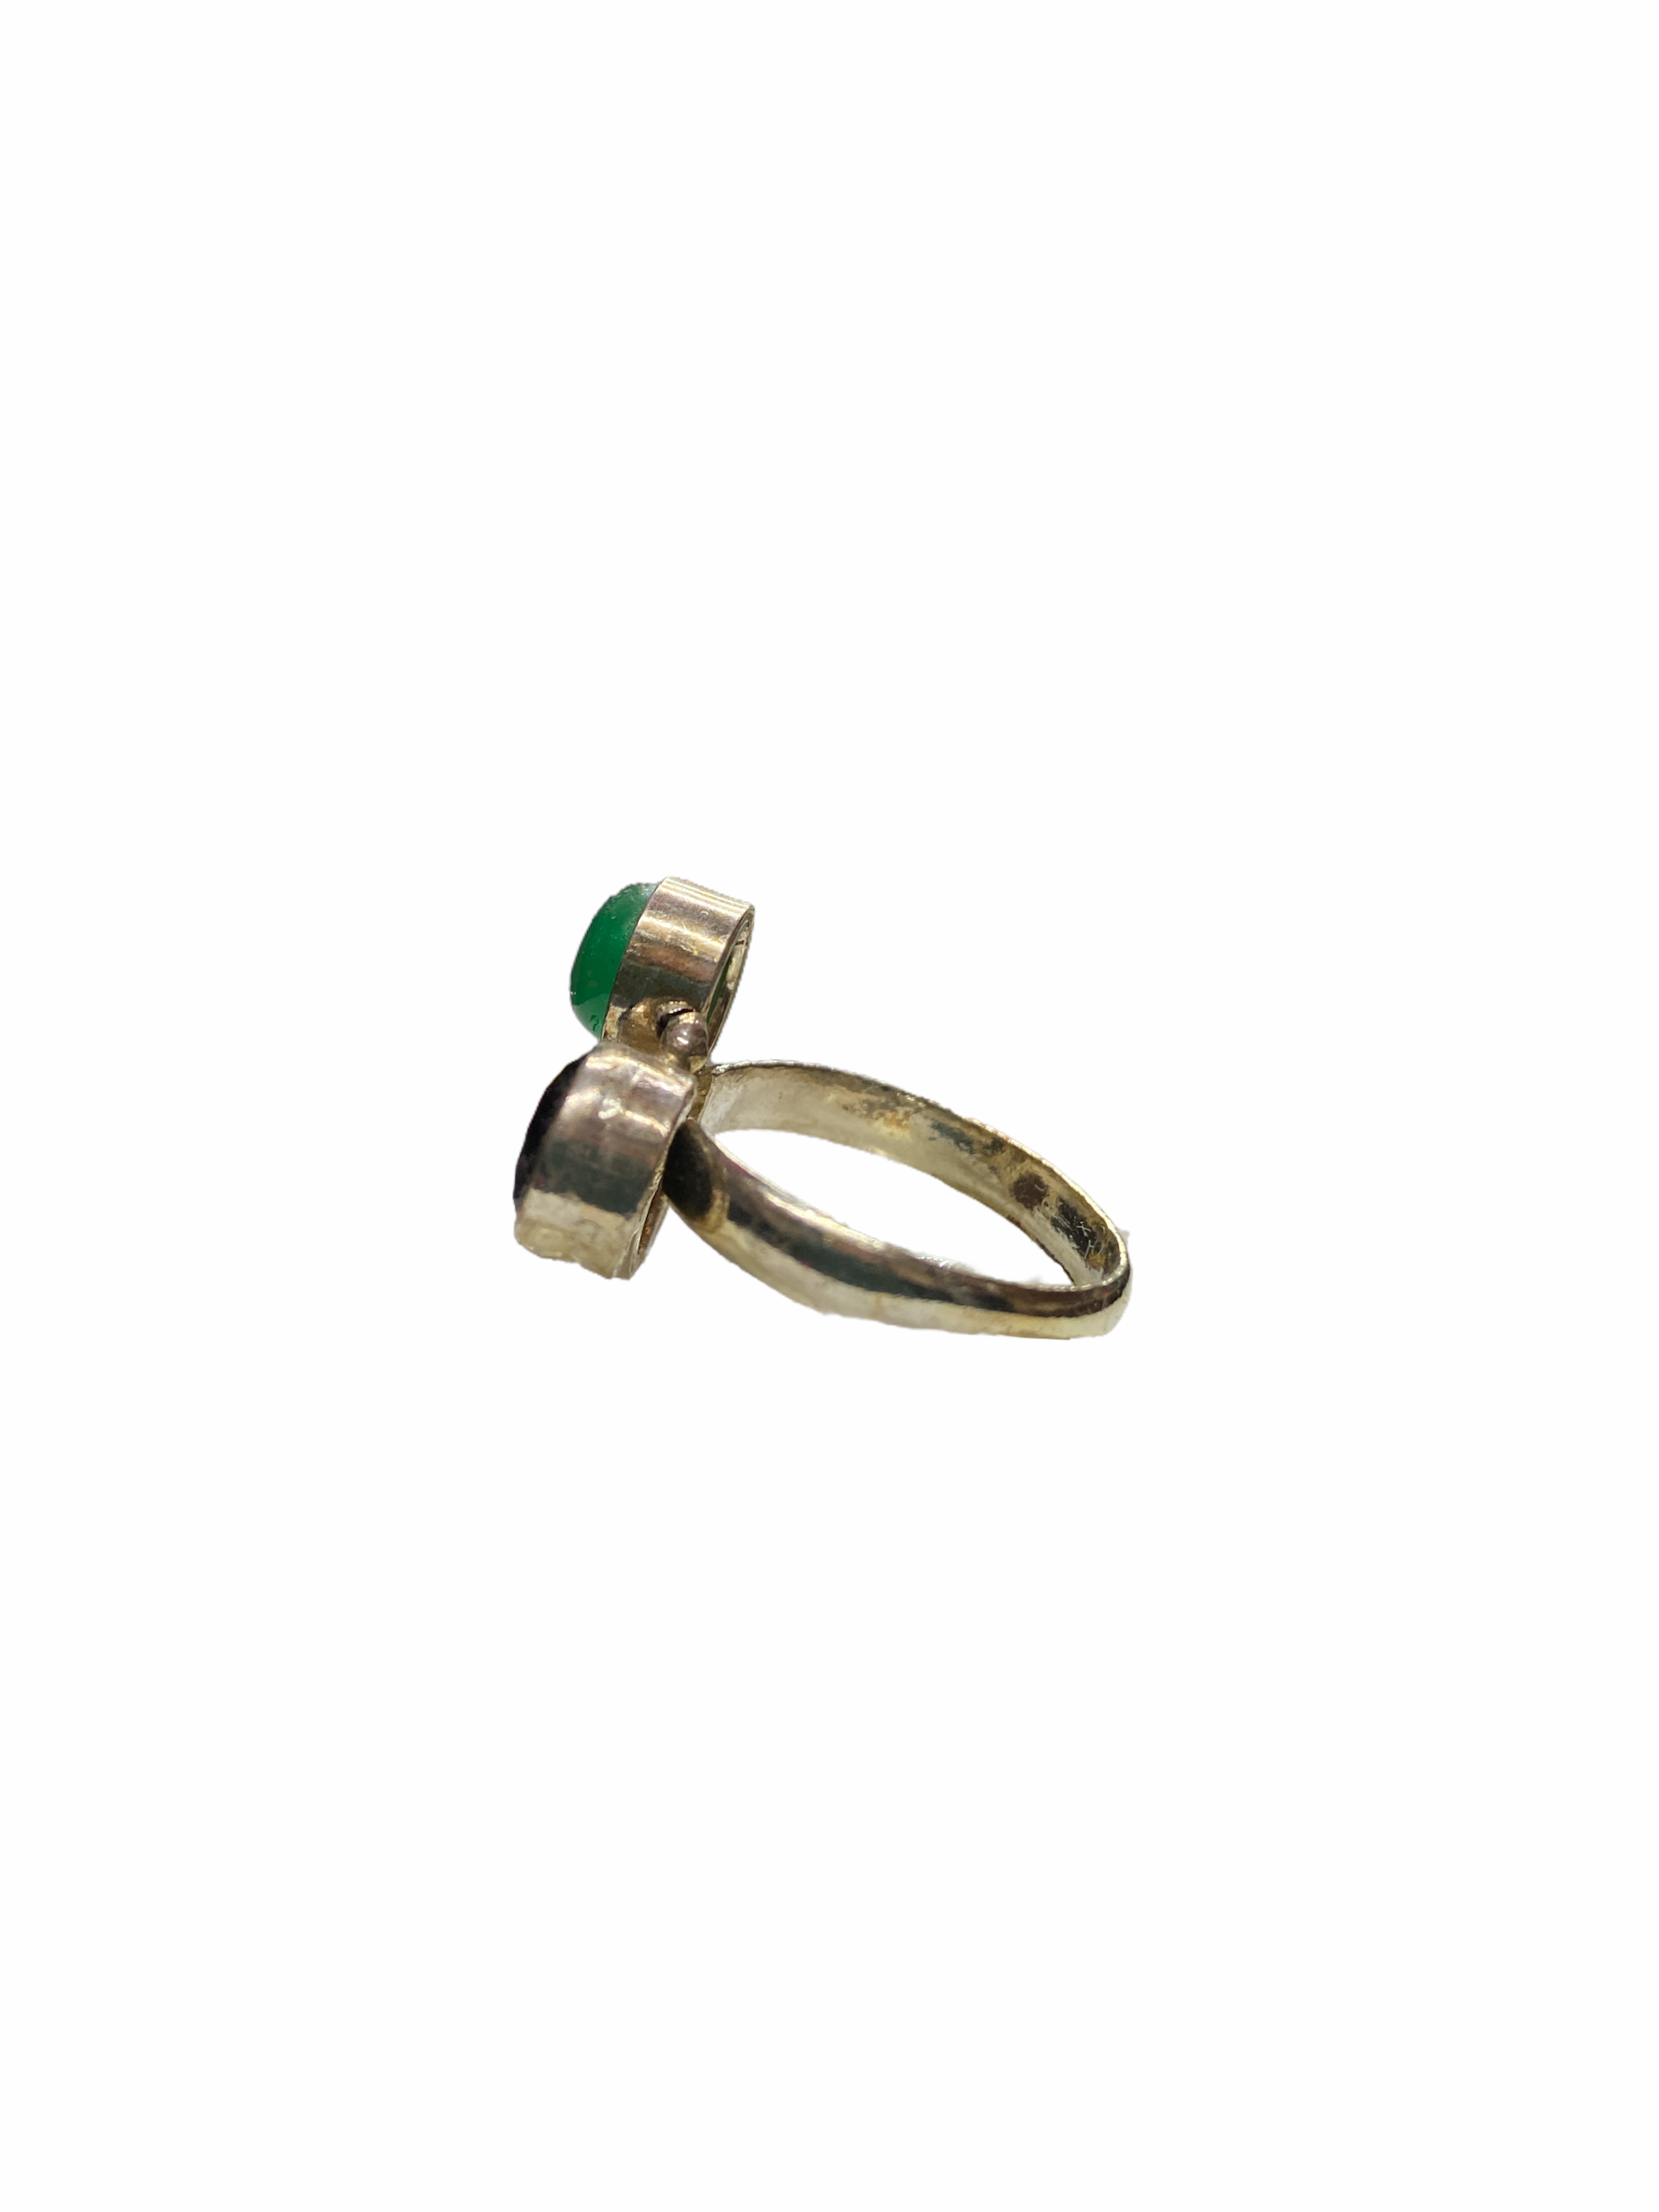 Δαχτυλίδι Χειροποίητο Με Κρύσταλλο-Νεφρίτη-Κορνεόλη Σε Χρώμα Ασημί